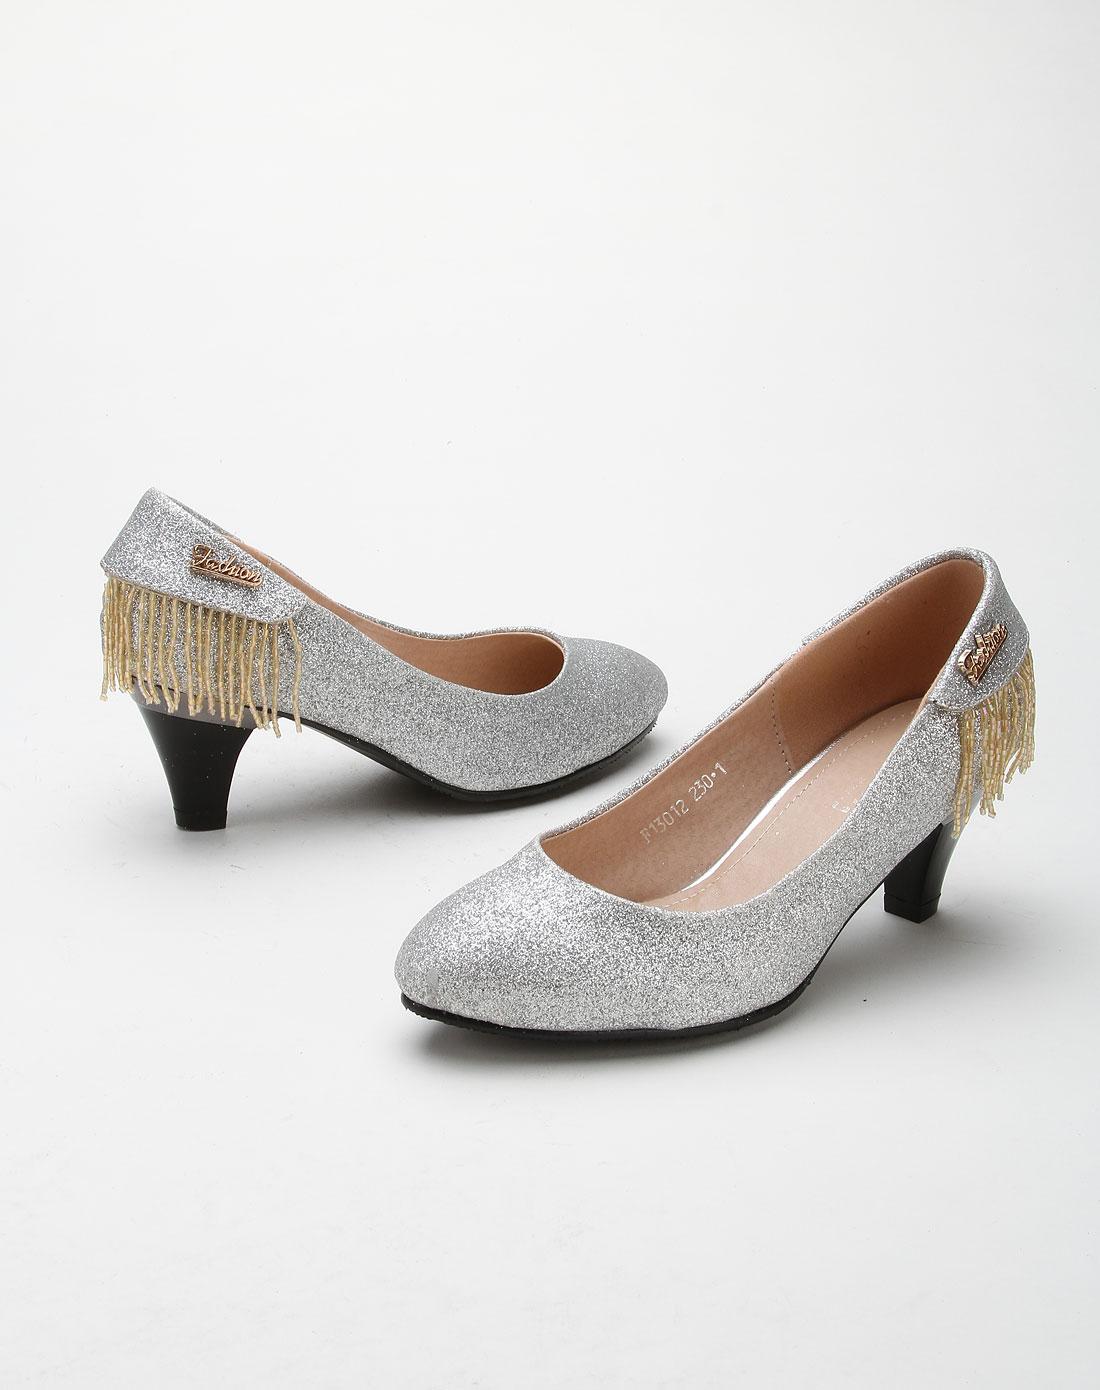 后跟串珠链装饰亮银色高跟鞋